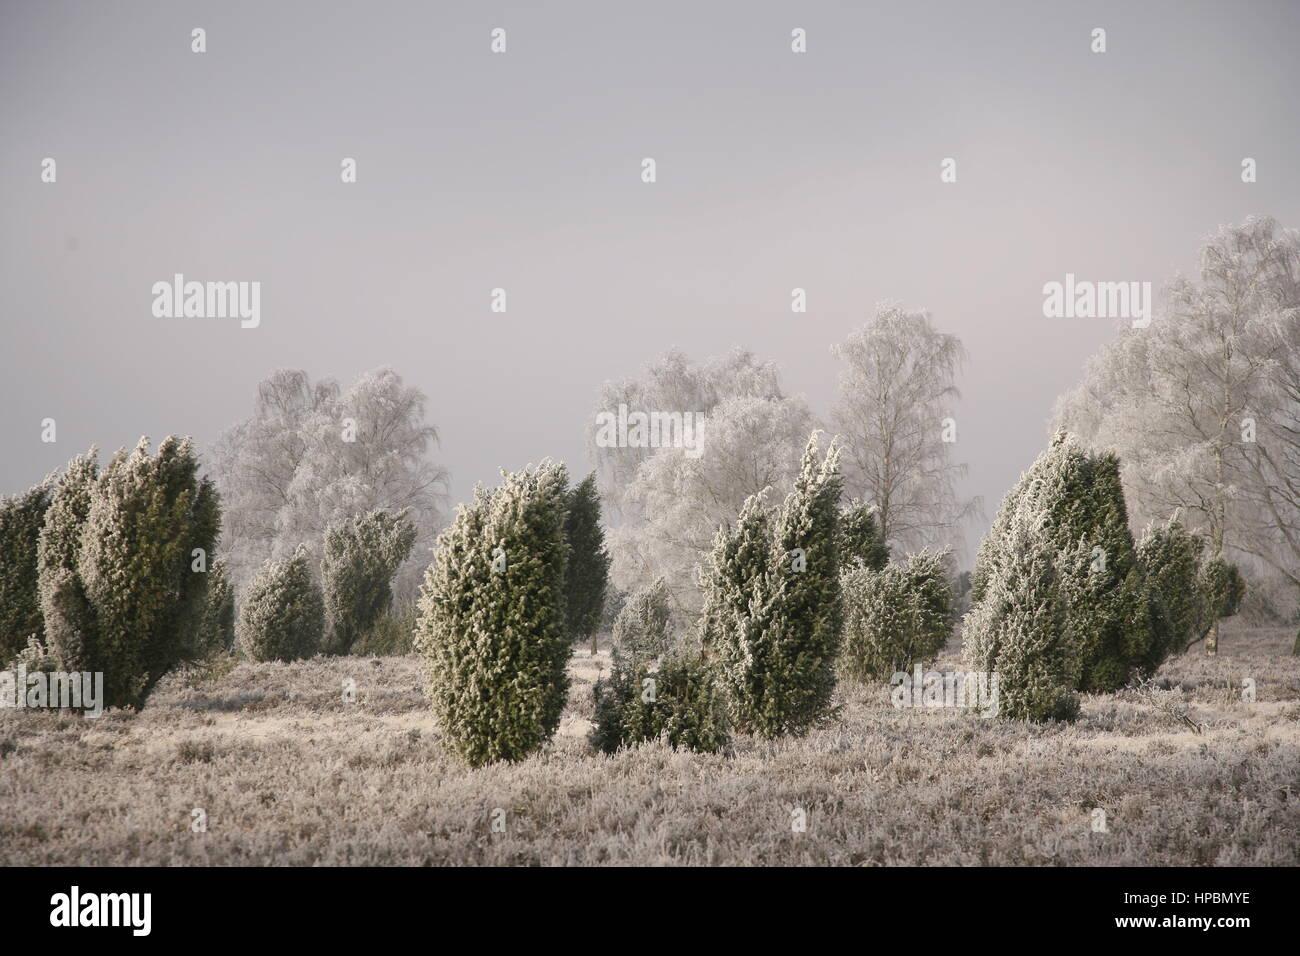 Lüneburger Heide im Winter, Niedersachsen, Deutschland - Stock Image